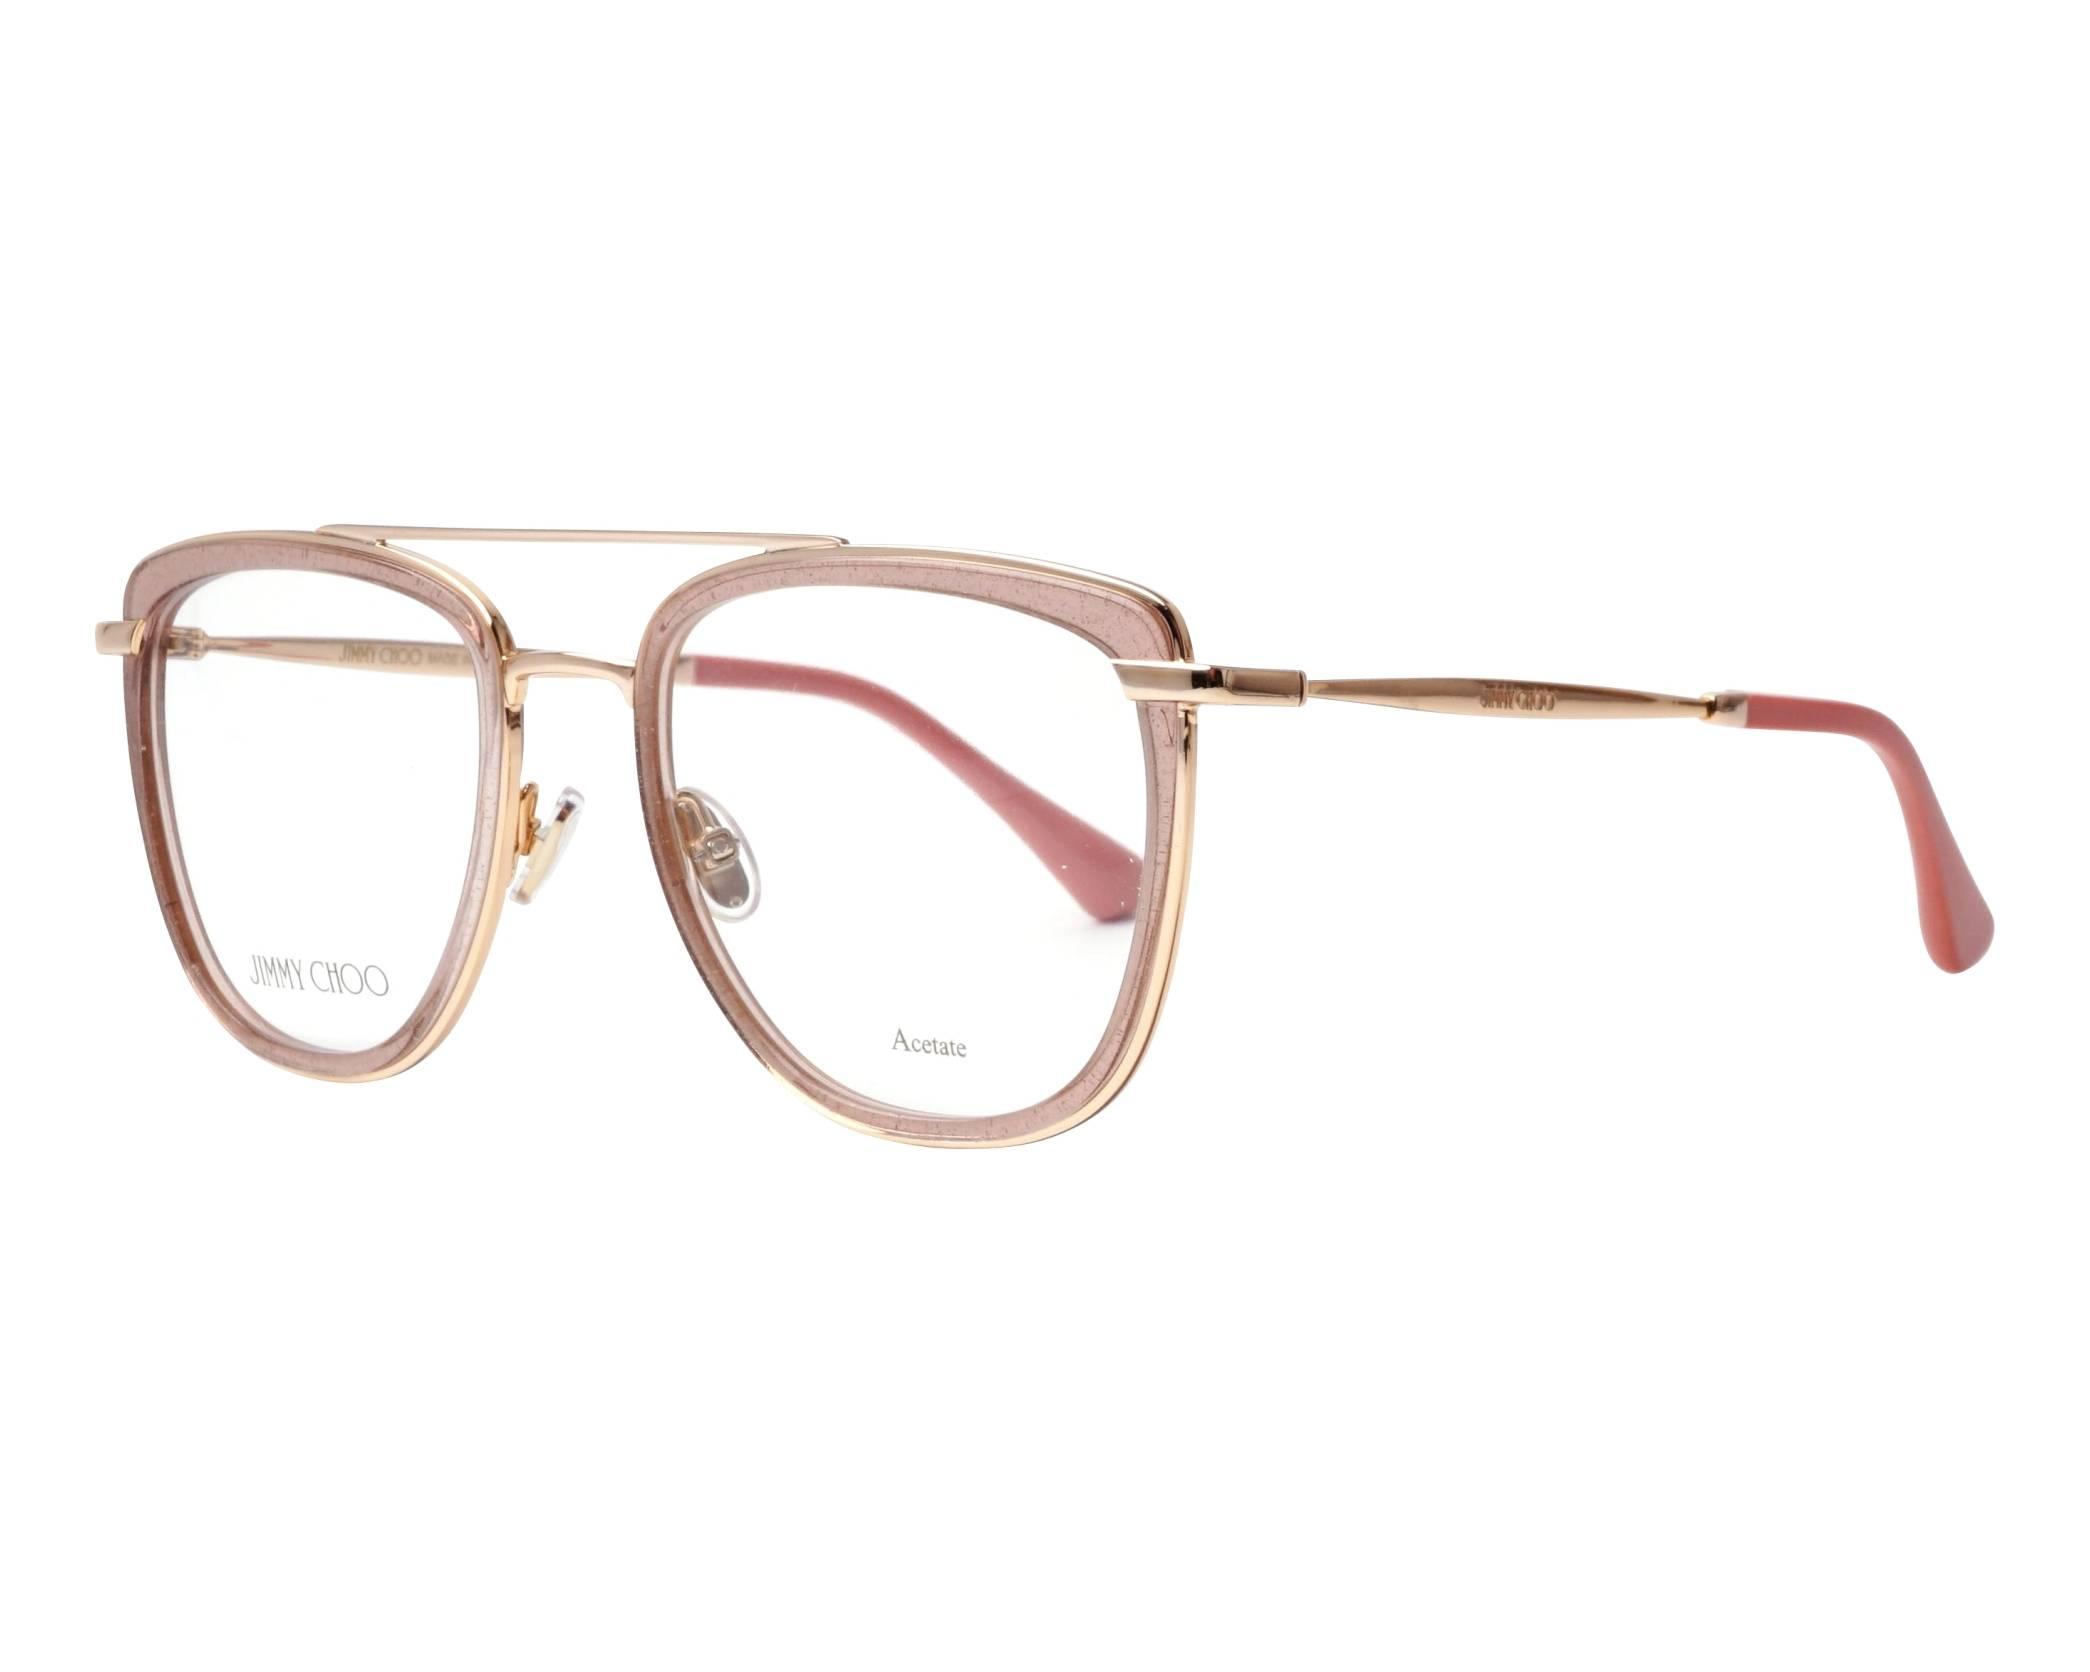 25794e3be9a4 eyeglasses Jimmy Choo JC-219 FWM 52-20 Rosa Gold profile view